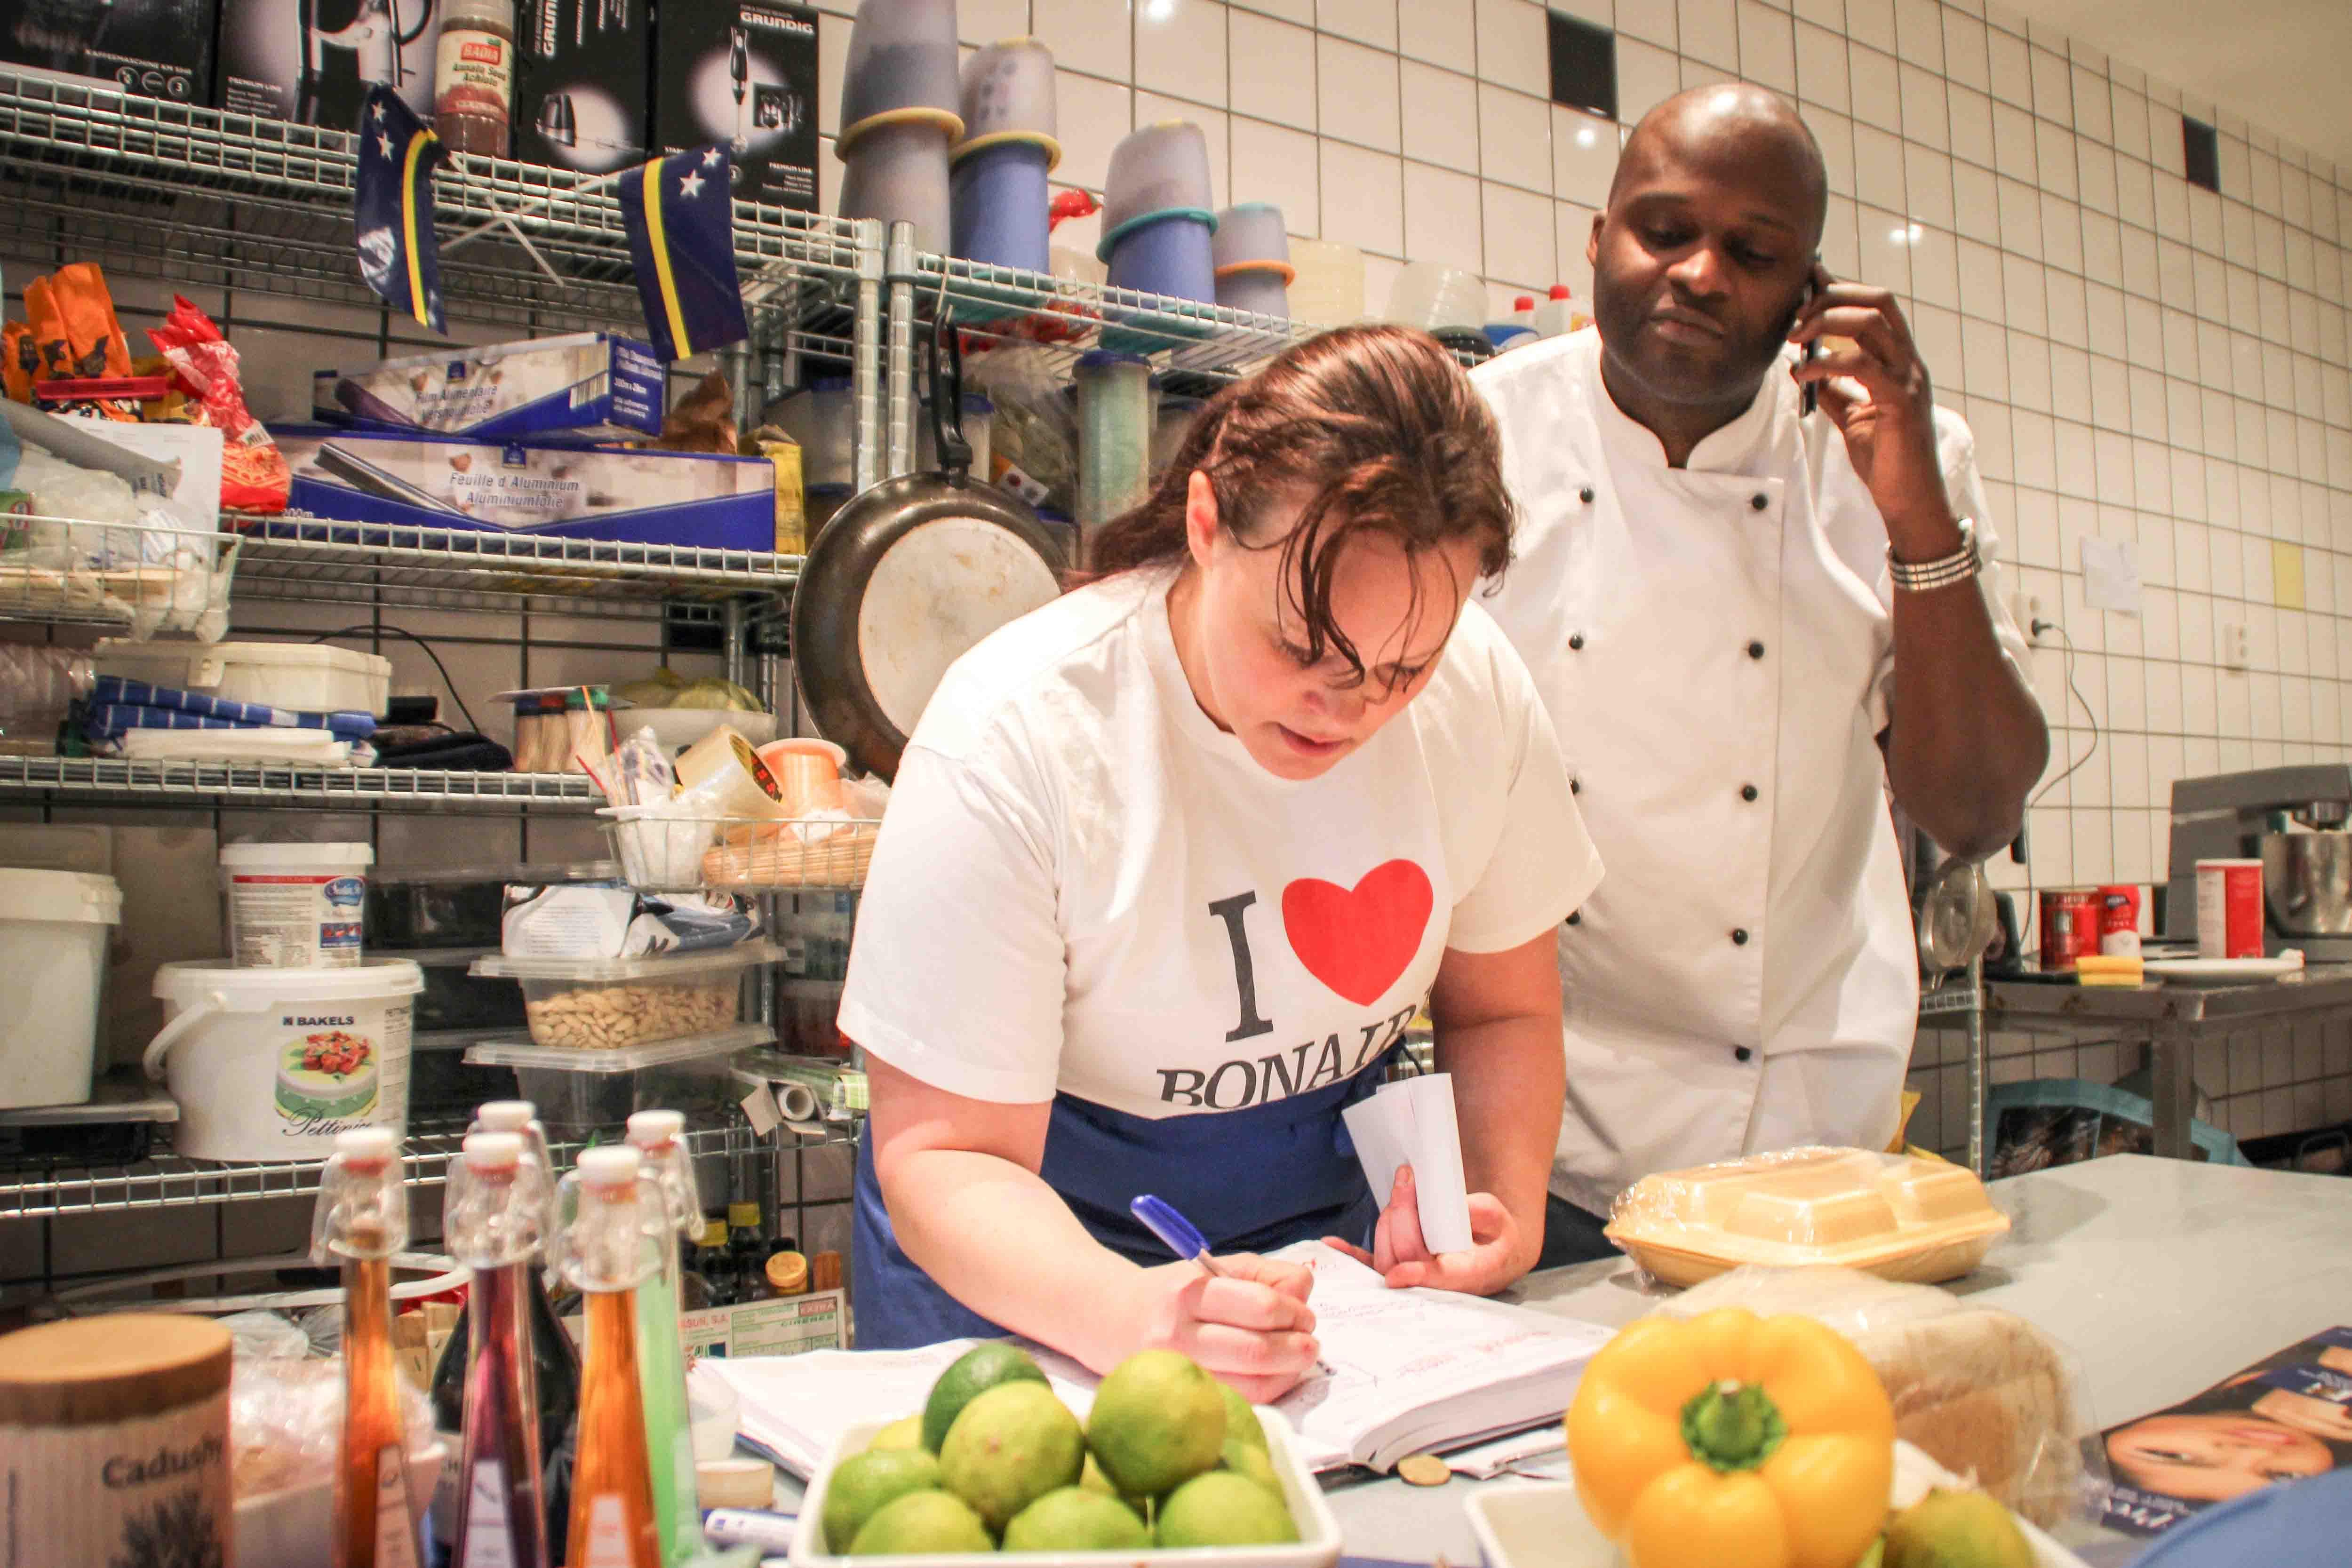 Speciaal Antilliaanse Keuken : Antilliaanse cateringbedrijven in nederland draaien overuren